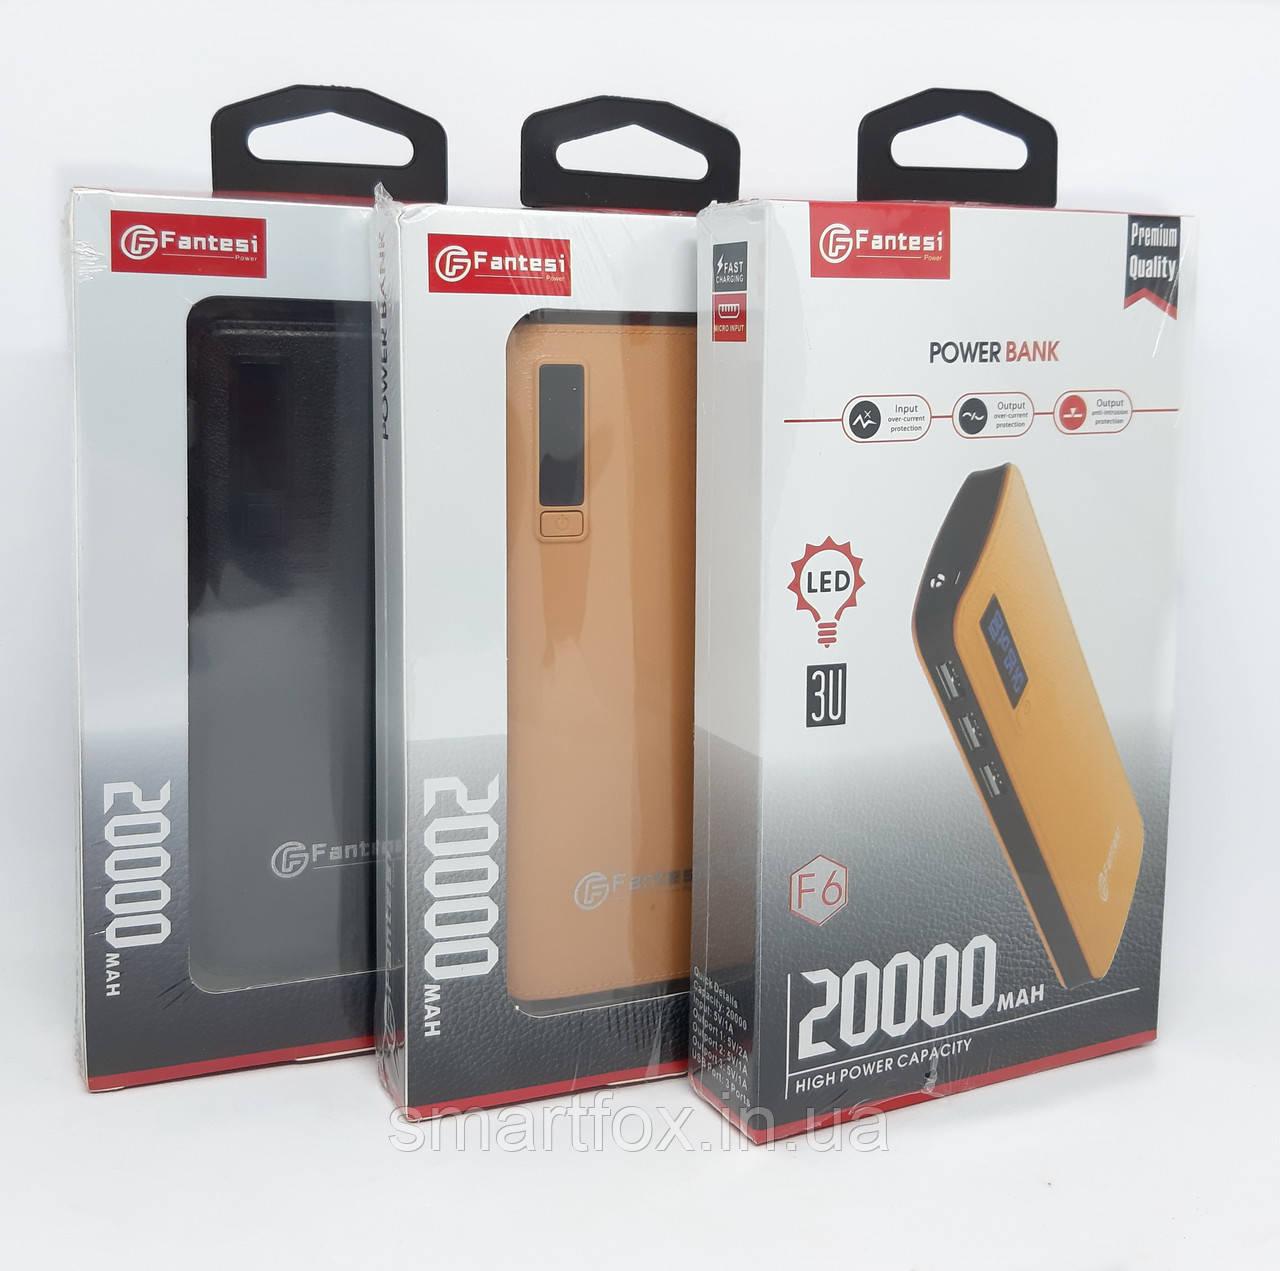 Power bank FANTESI F6 20000mAh  универсальная мобильная батарея